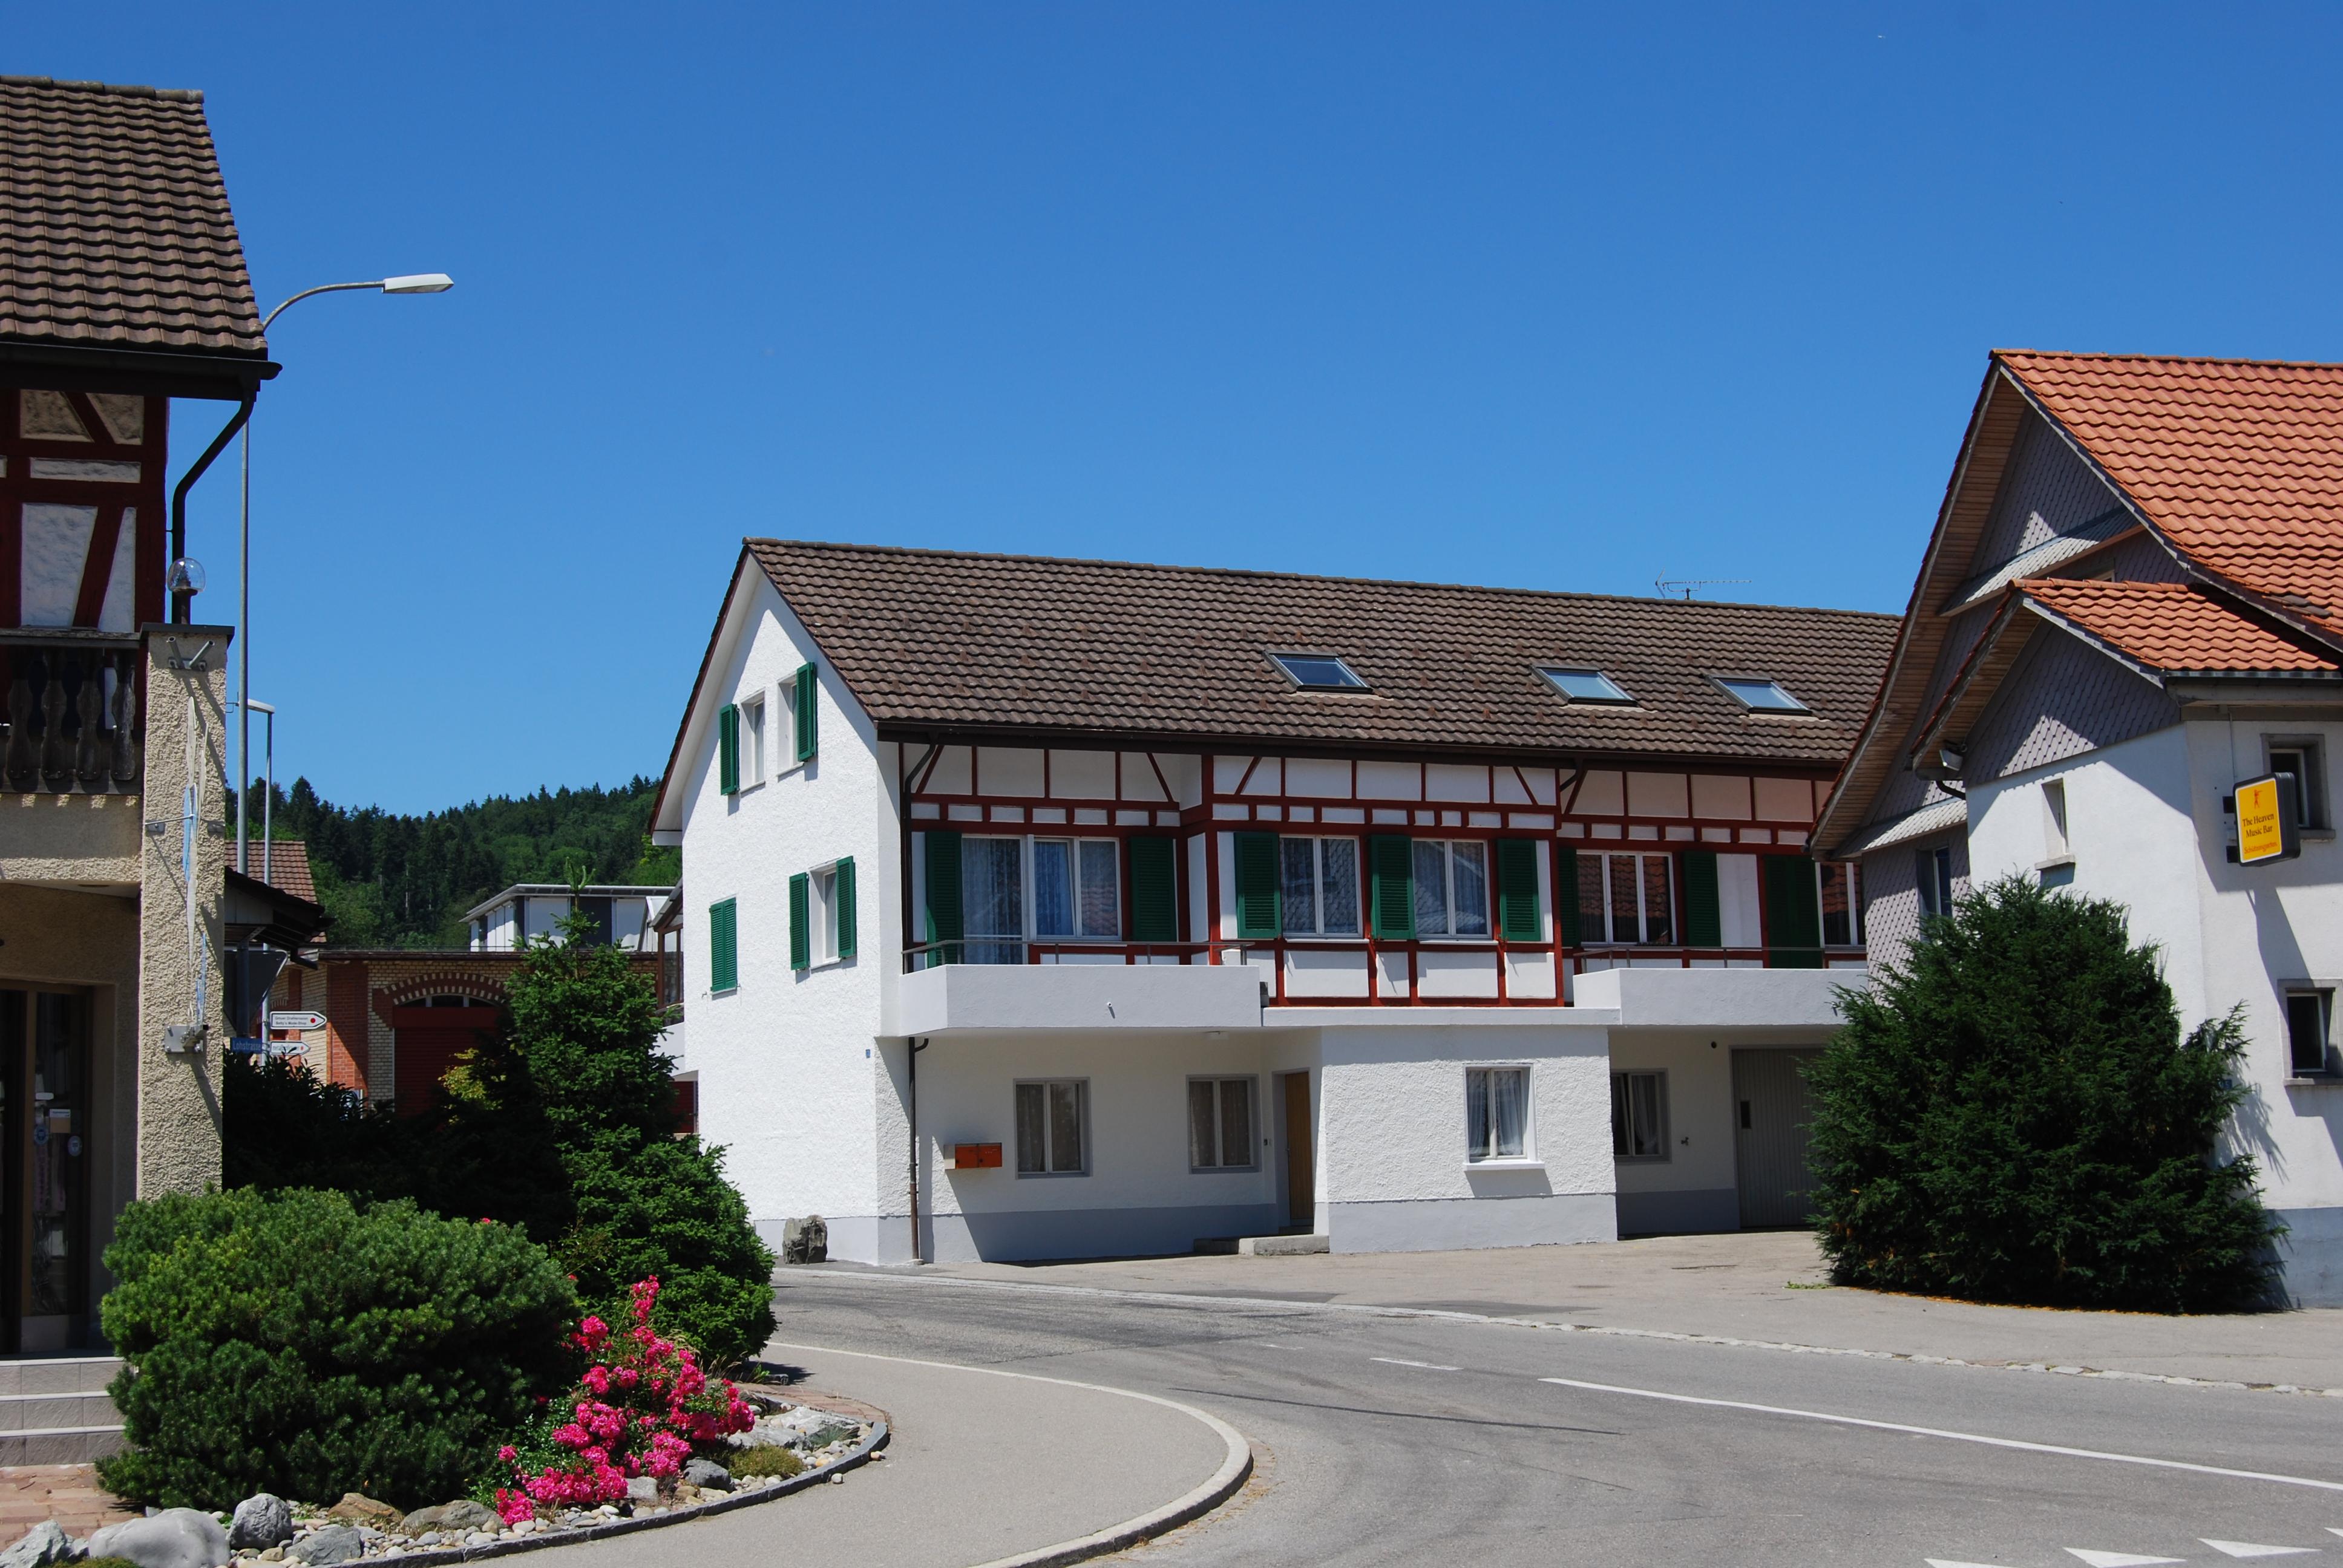 Bichelsee-Balterswil 052.JPG